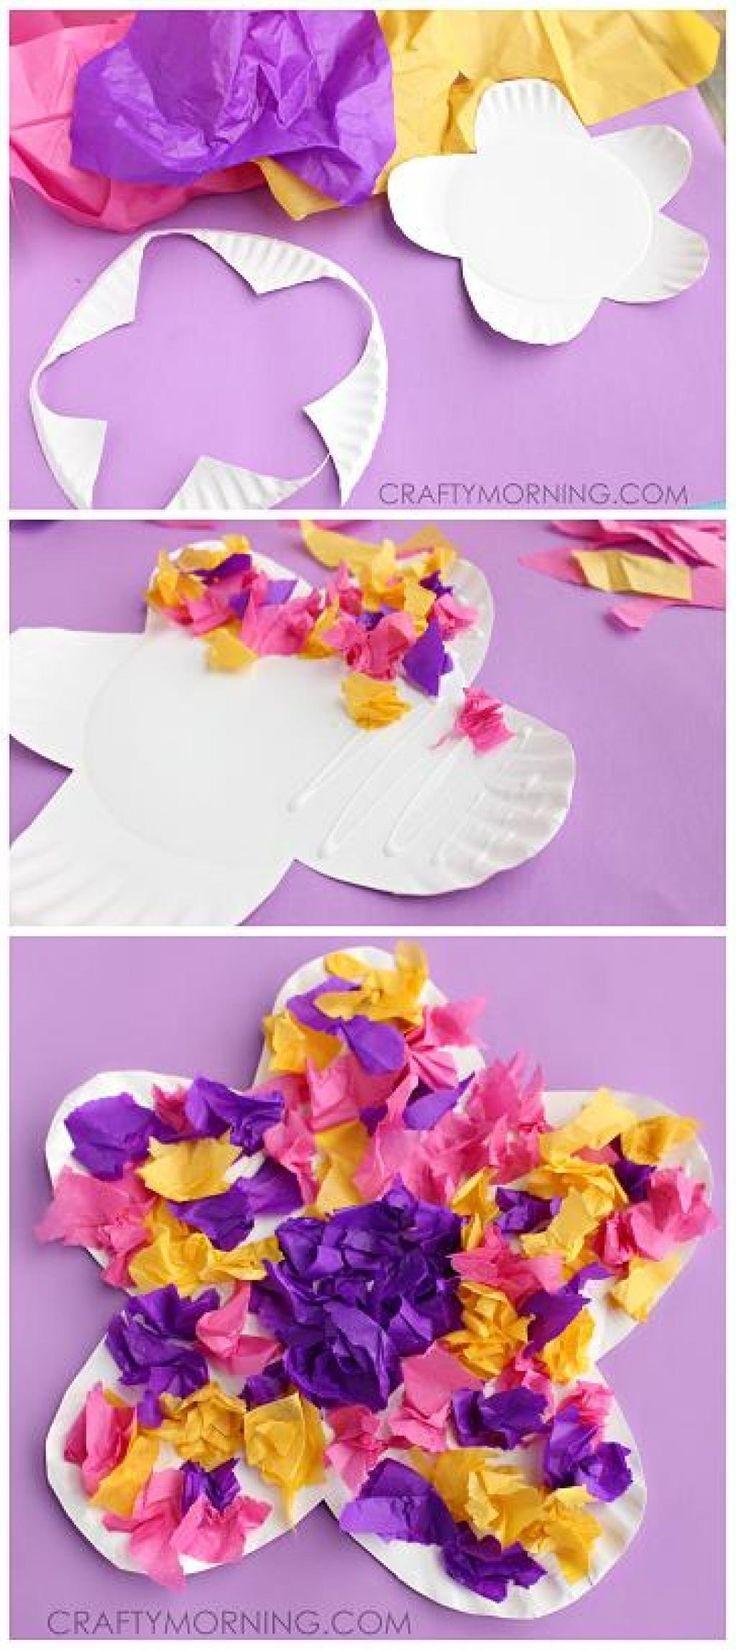 10 Magnifiques bricolages zu fairen Preisen, zum der Soul-Art der Druckerei! - Places Like Heaven #frühlingblumen